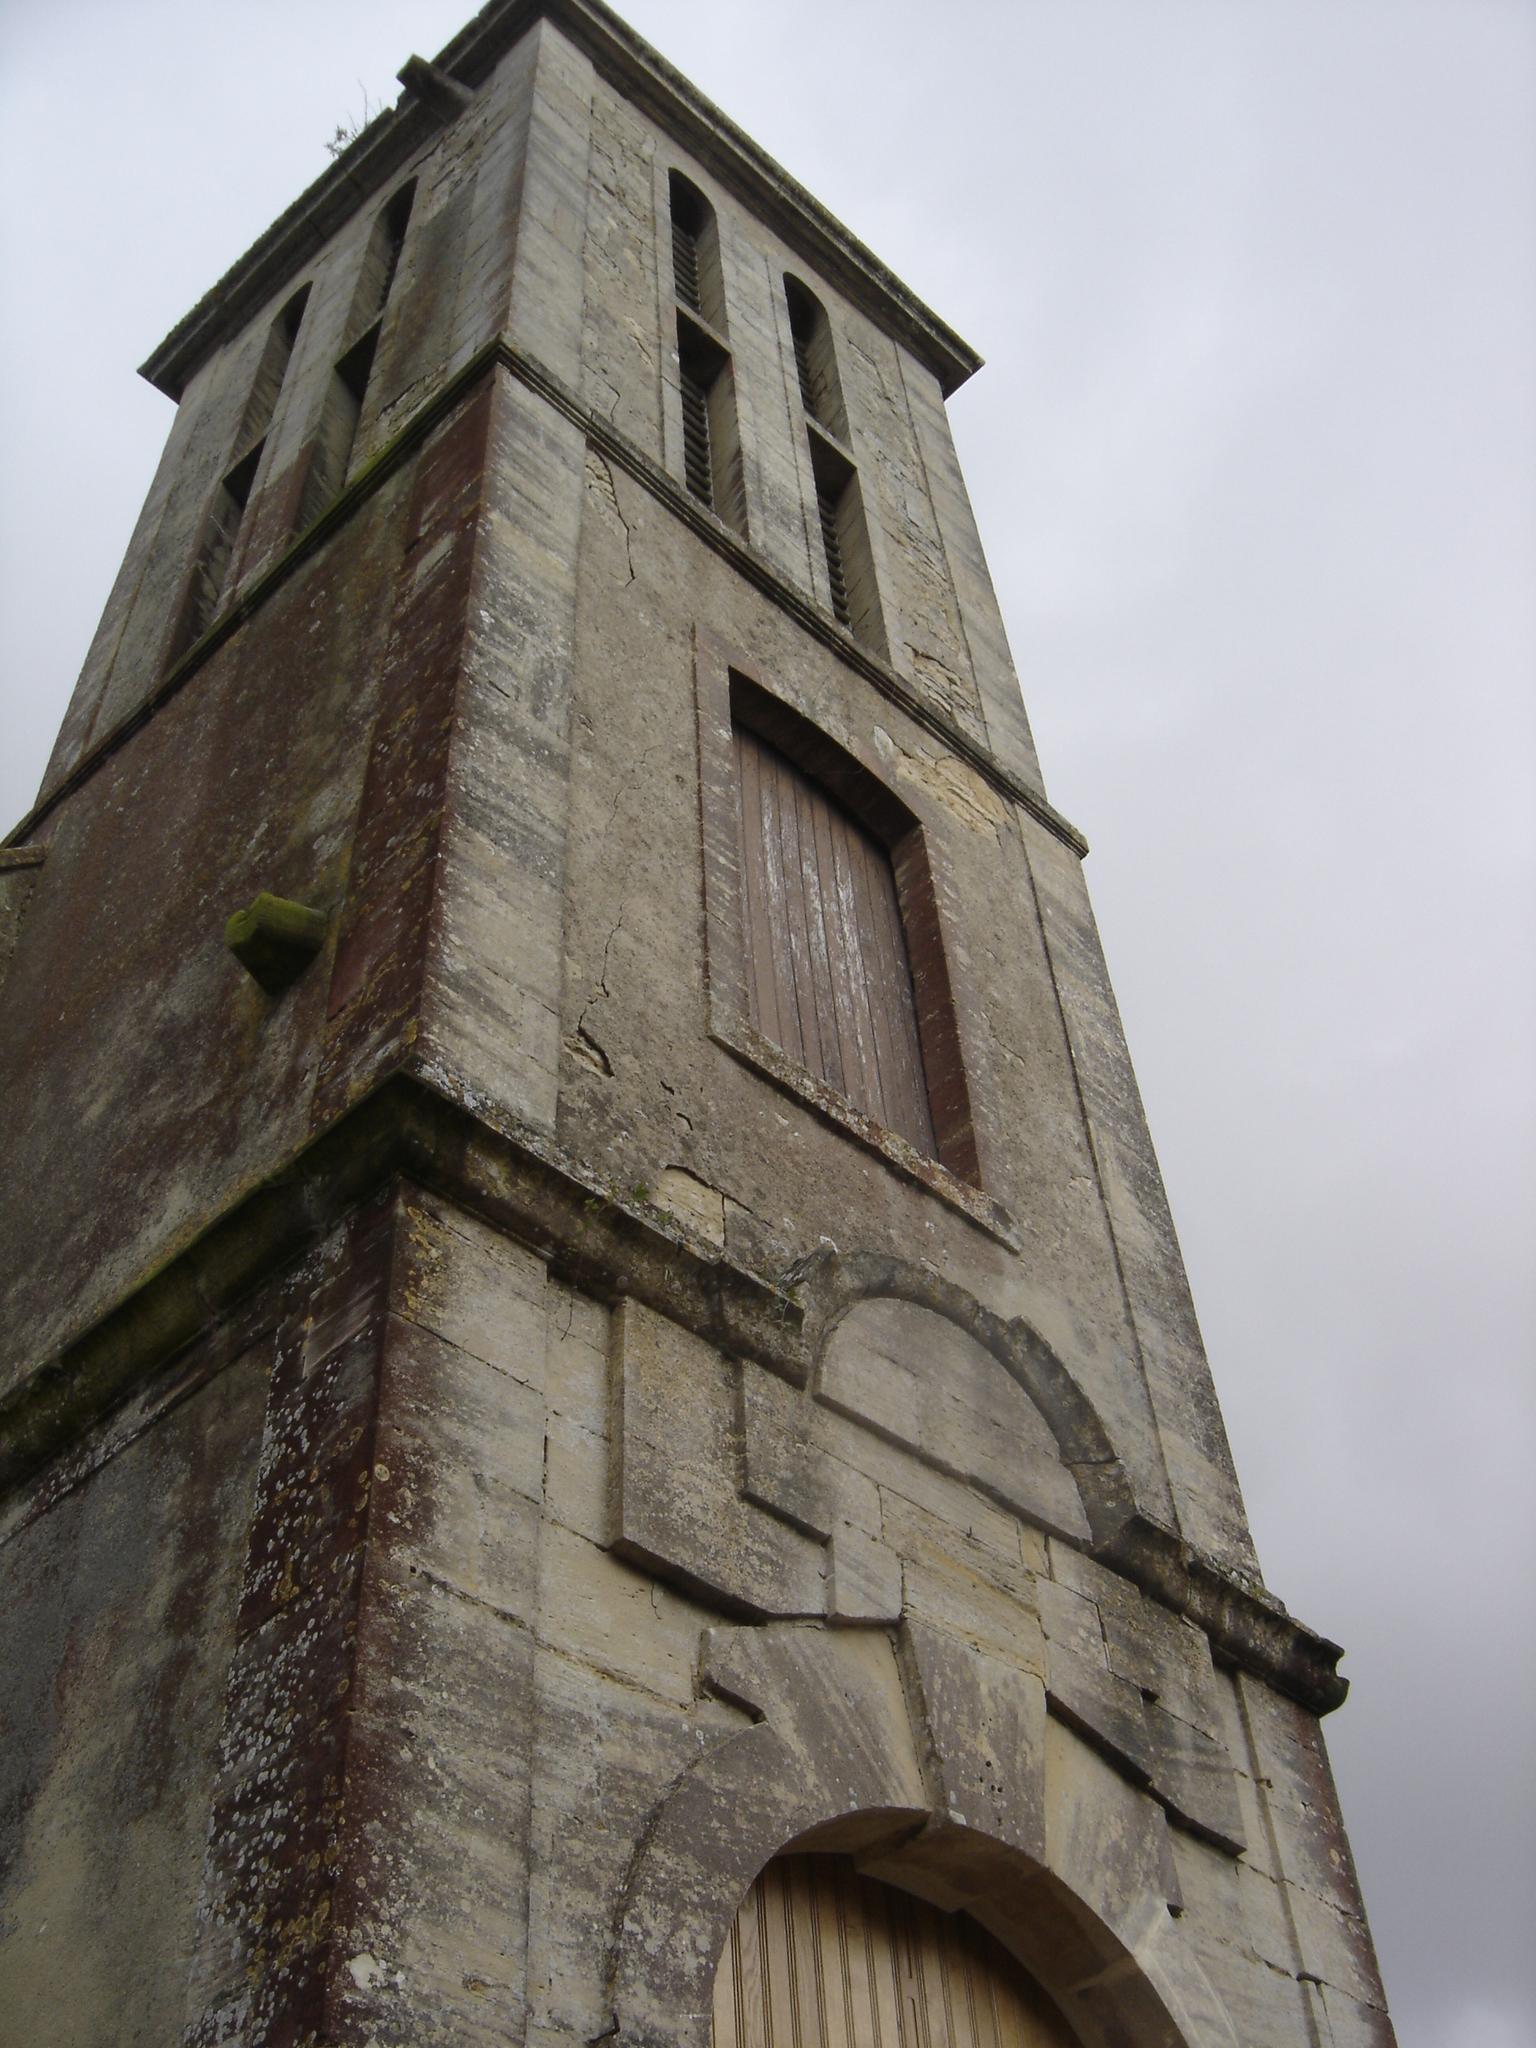 Narbonne Version 3 1: File:Clocher De L'église Saint-Sylvestre.JPG